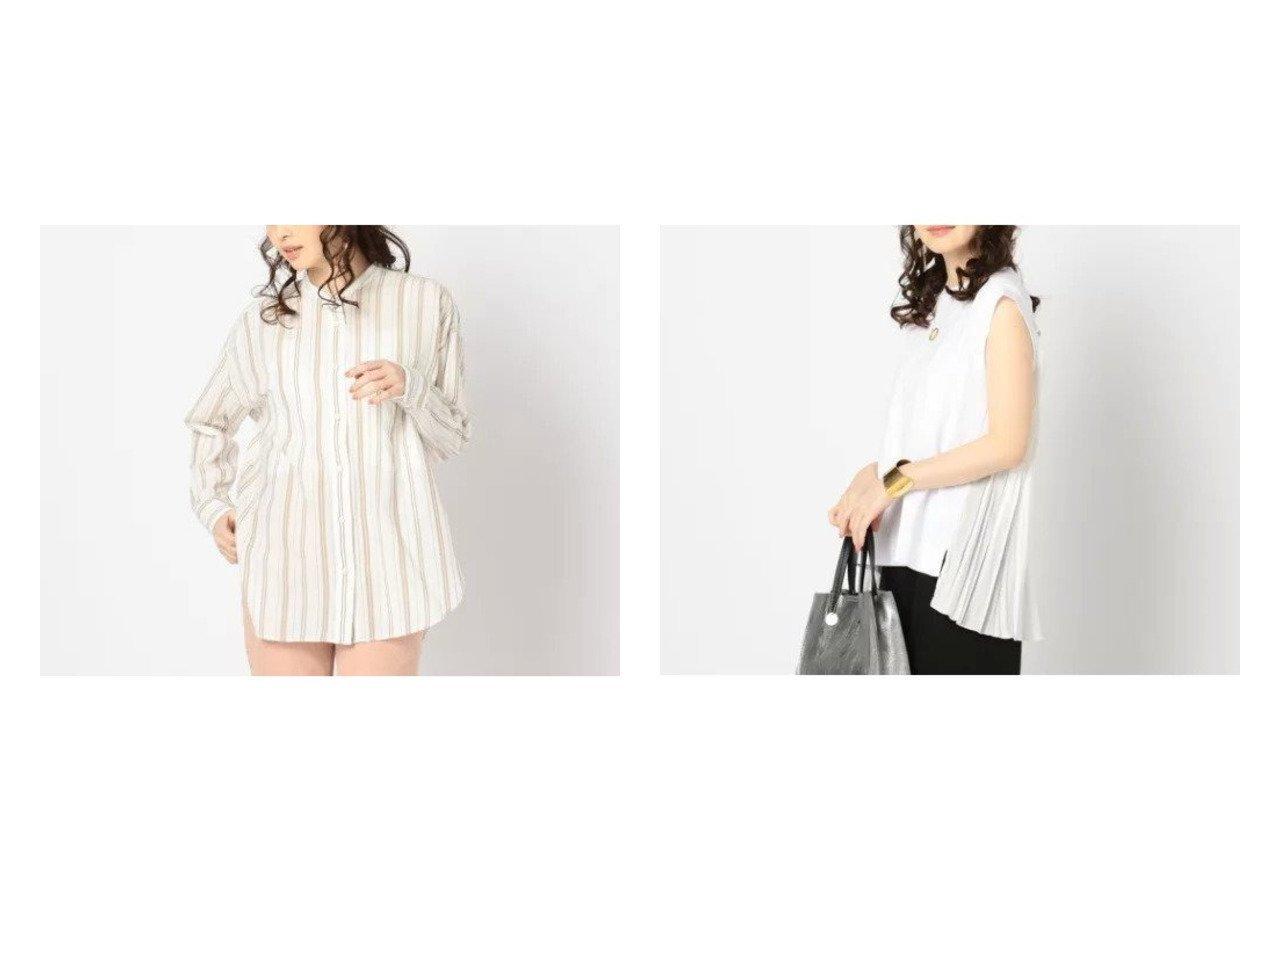 【NOLLEY'S/ノーリーズ】の【ヤヌーク】Band coller stripesシャツ&【アダワス】PLEATS T トップス・カットソーのおすすめ!人気、トレンド・レディースファッションの通販 おすすめで人気の流行・トレンド、ファッションの通販商品 メンズファッション・キッズファッション・インテリア・家具・レディースファッション・服の通販 founy(ファニー) https://founy.com/ ファッション Fashion レディースファッション WOMEN トップス カットソー Tops Tshirt シャツ/ブラウス Shirts Blouses キャミソール / ノースリーブ No Sleeves ロング / Tシャツ T-Shirts カットソー Cut and Sewn コンパクト スキニー ストライプ ストレート スリット スリム デニム 長袖 フィット ベーシック ボーイズ ワーク インド カットソー コレクション 今季 シンプル なめらか ノースリーブ プリーツ プレミアム ヘムライン ボトム  ID:crp329100000024198